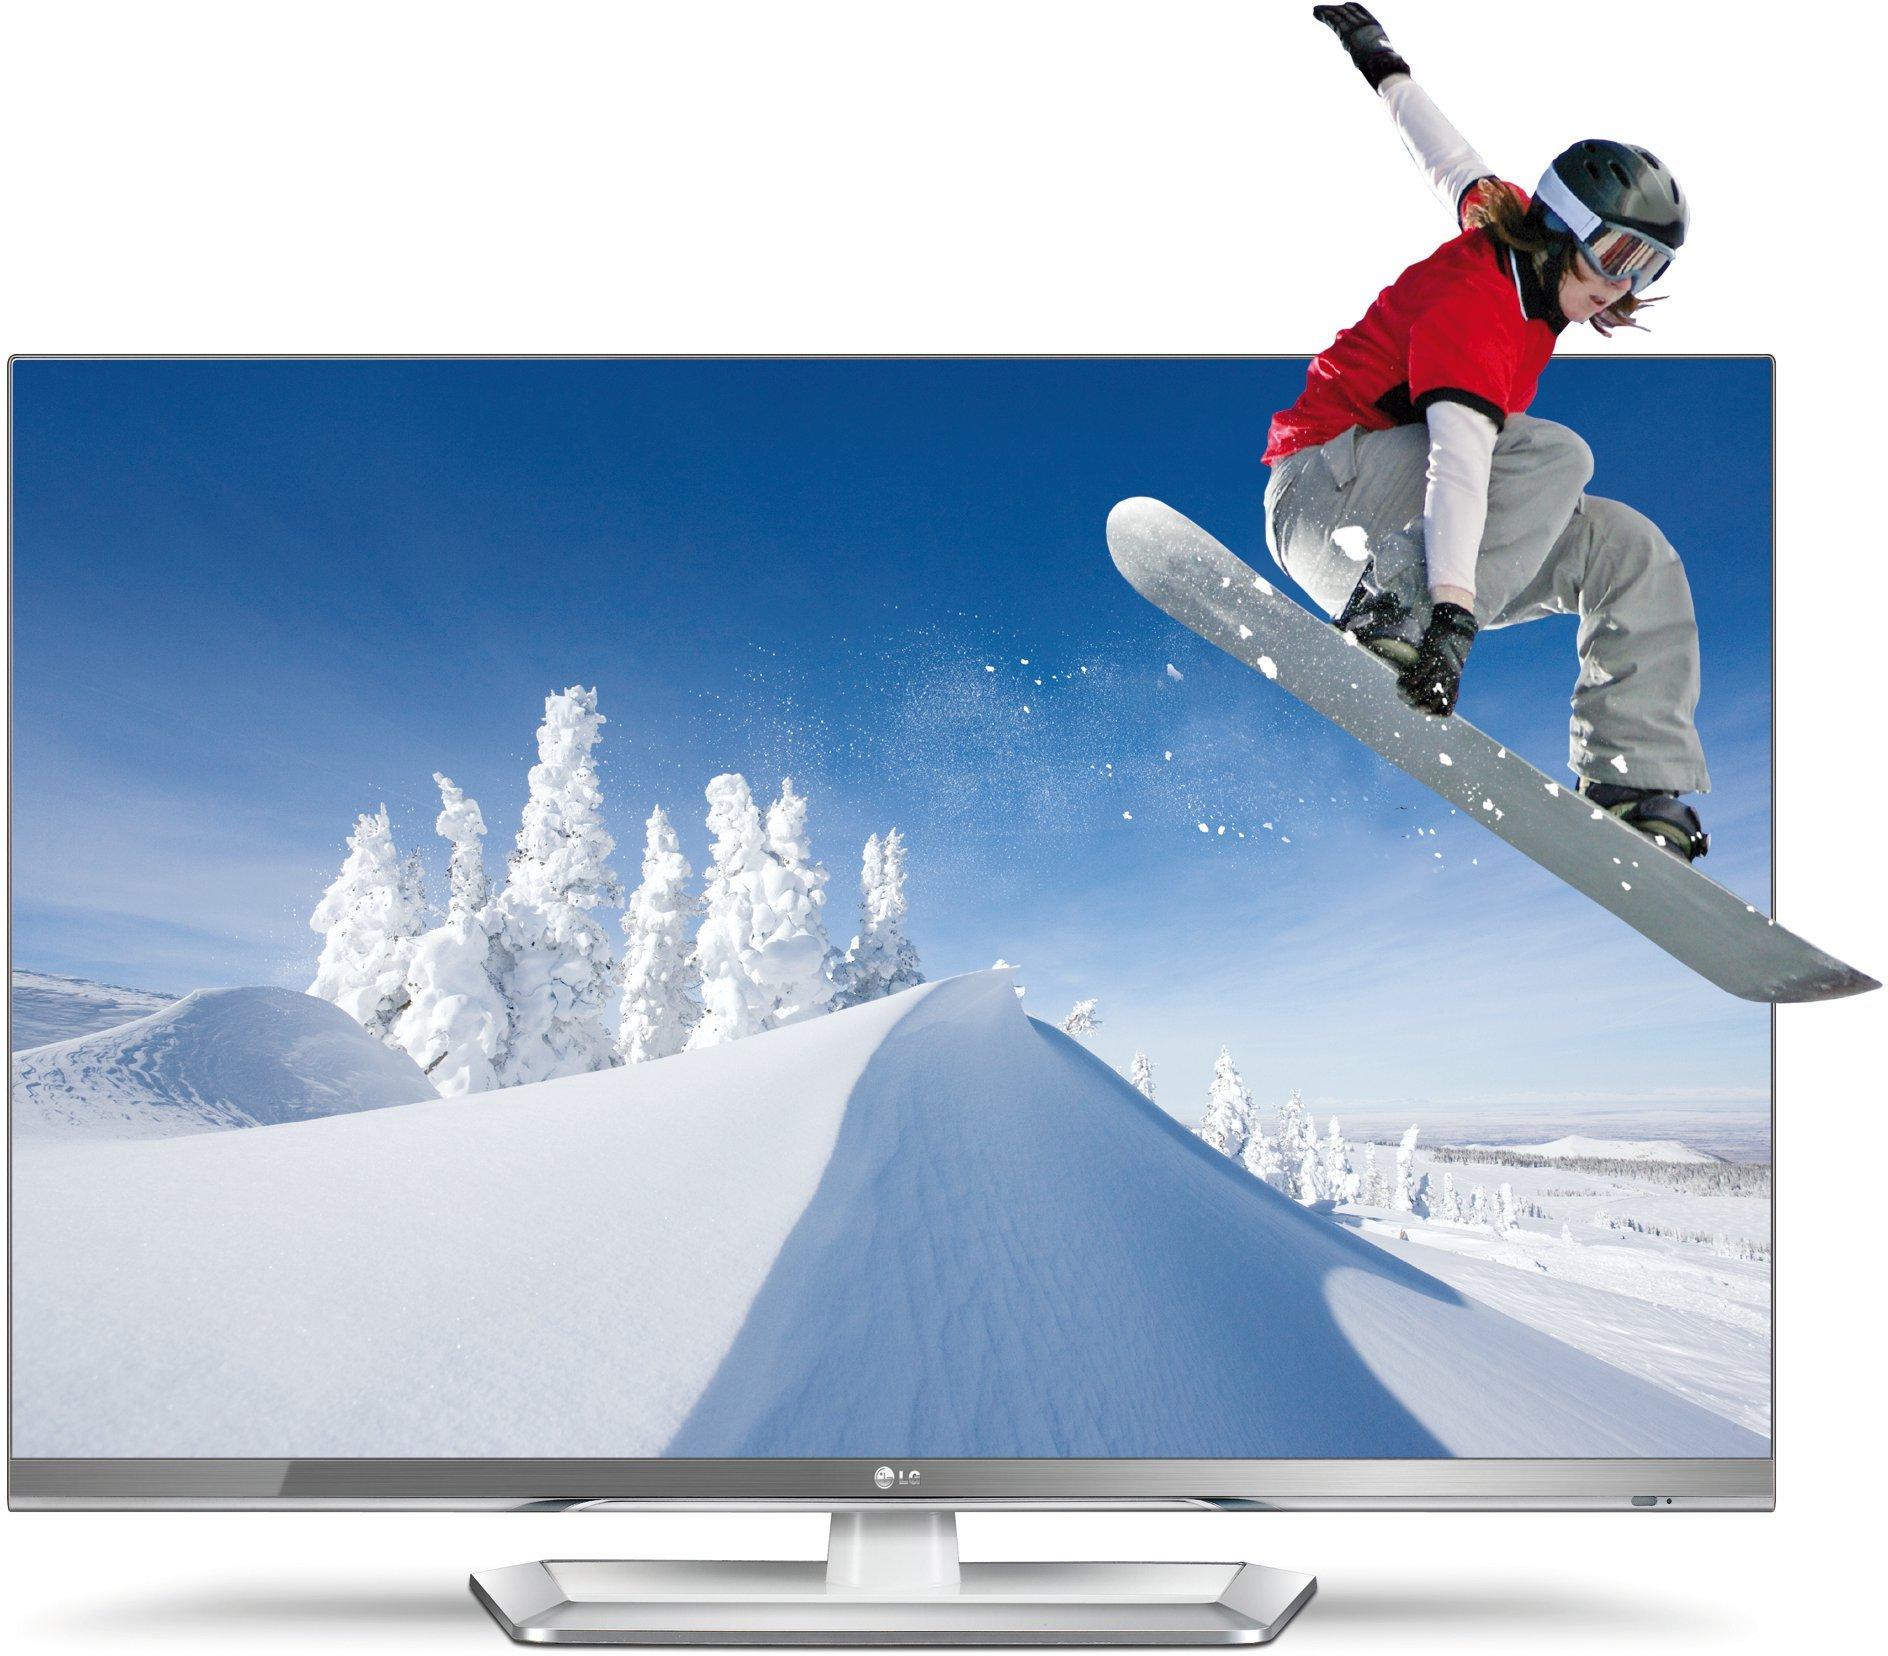 LG 47LM669s - Televisor LED, 47 pulgadas, HDMI 1.4, 1080p, CI+ para TDT Premium, Smartphone Control, con gafas Cinema 3D, 3 USB, DLNA, color blanco: Amazon.es: Electrónica